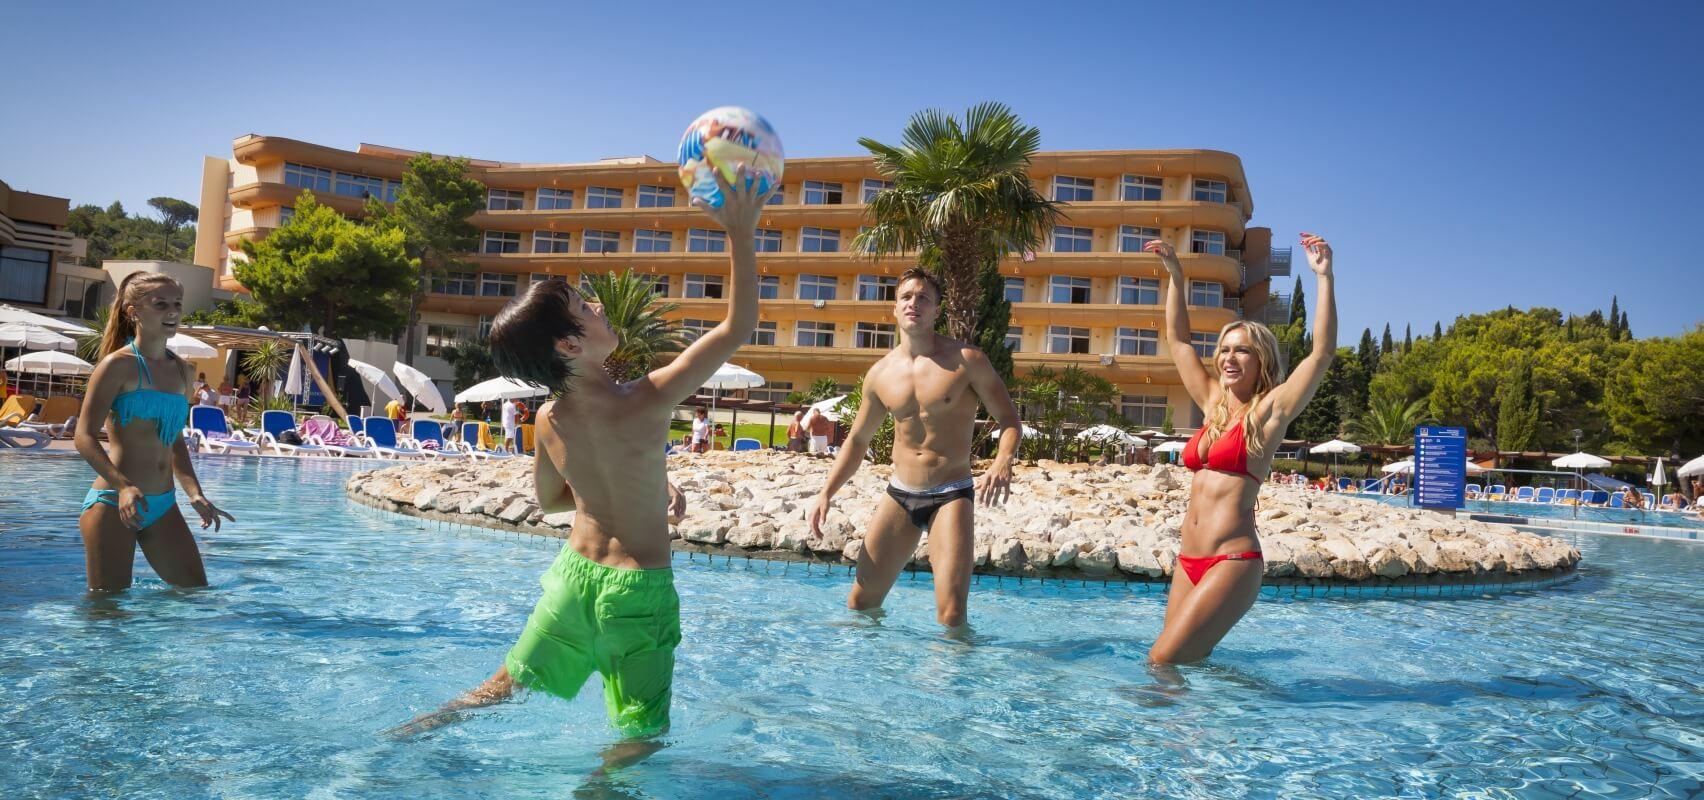 Hotel pool with people  Hotel Albatros Cavtat in Kroatien | Remisens